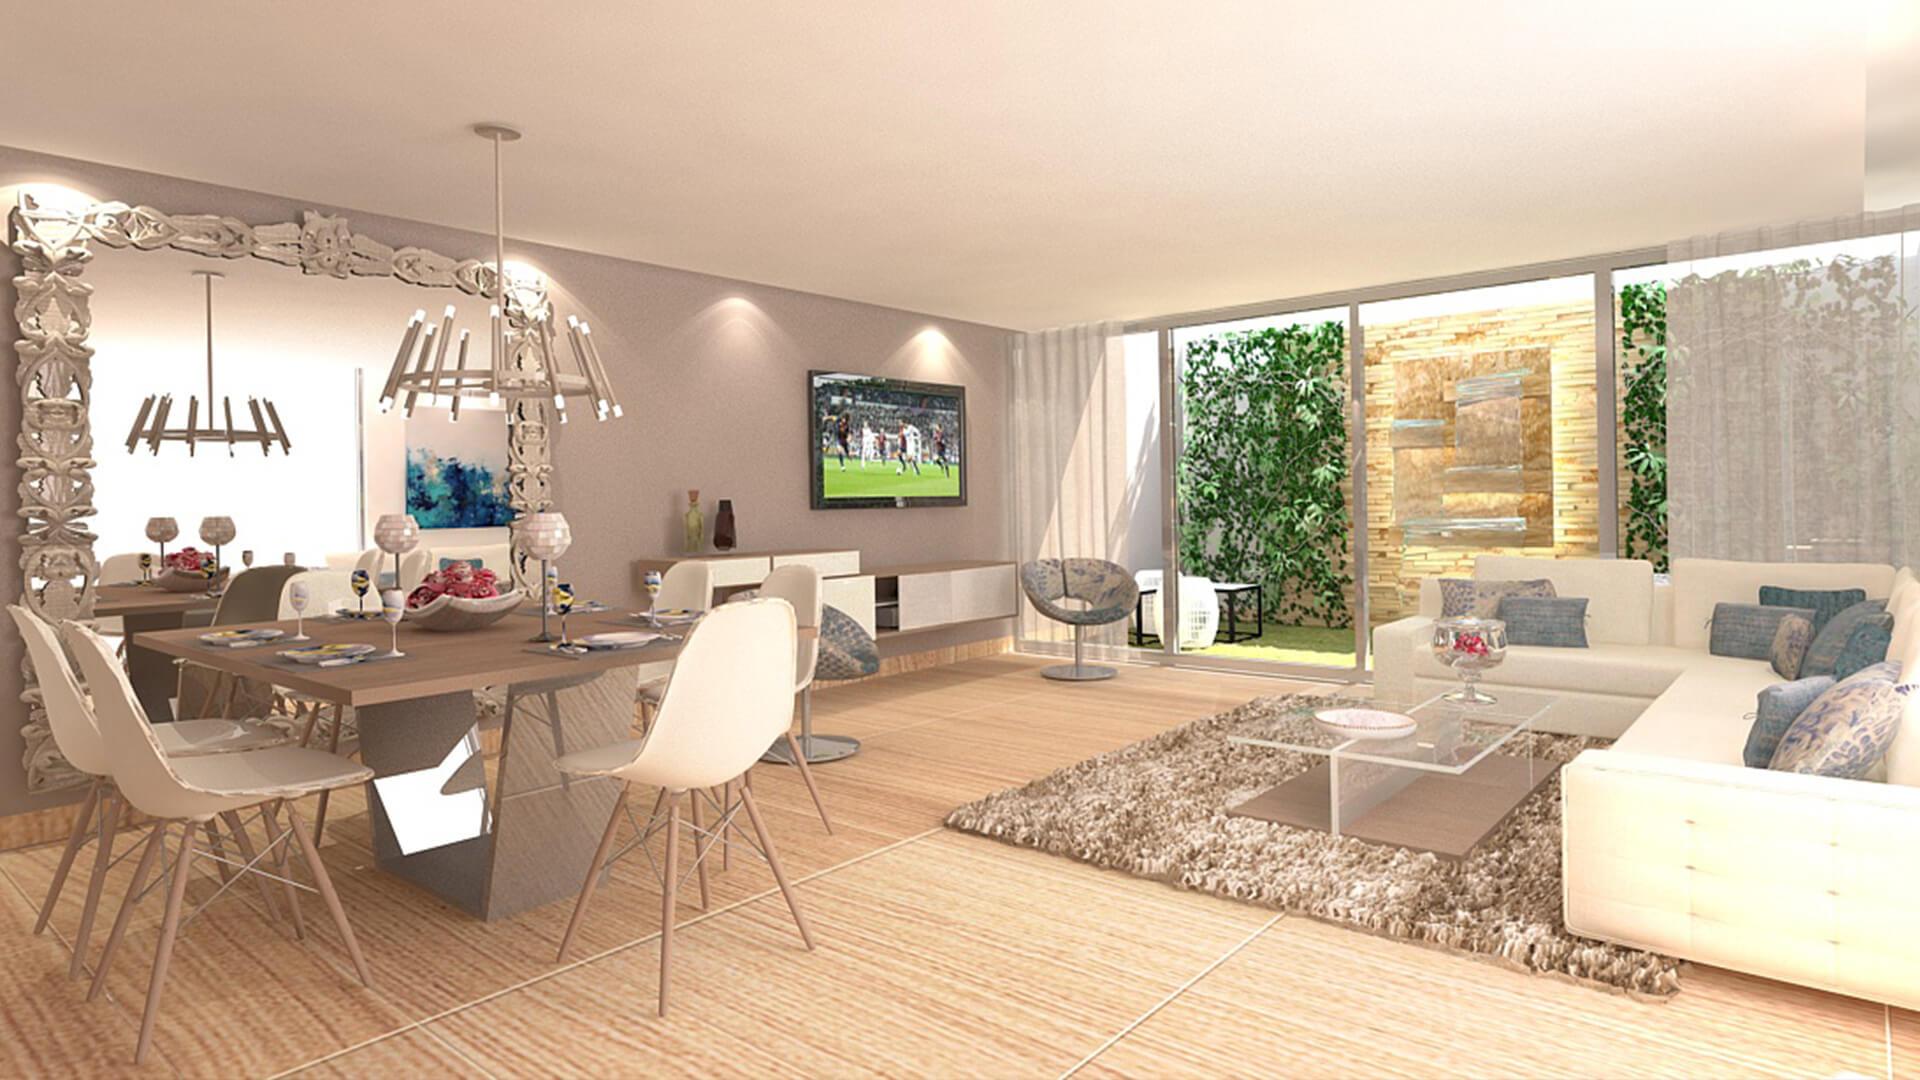 Curso de principios de dise o para espacios interiores for Diseno decoracion espacios